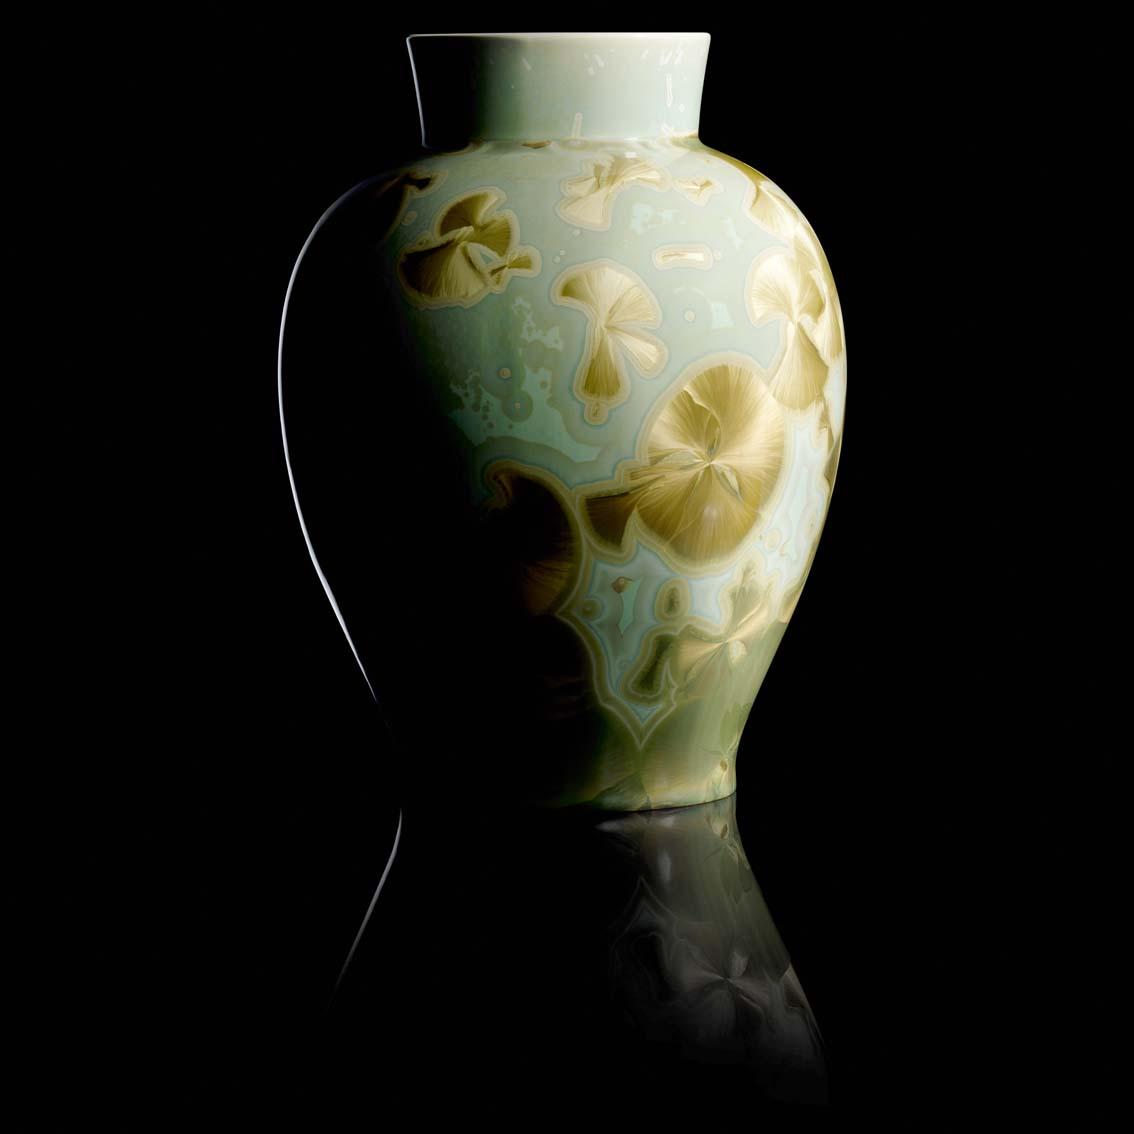 Solitaire vases by Fürstenberg